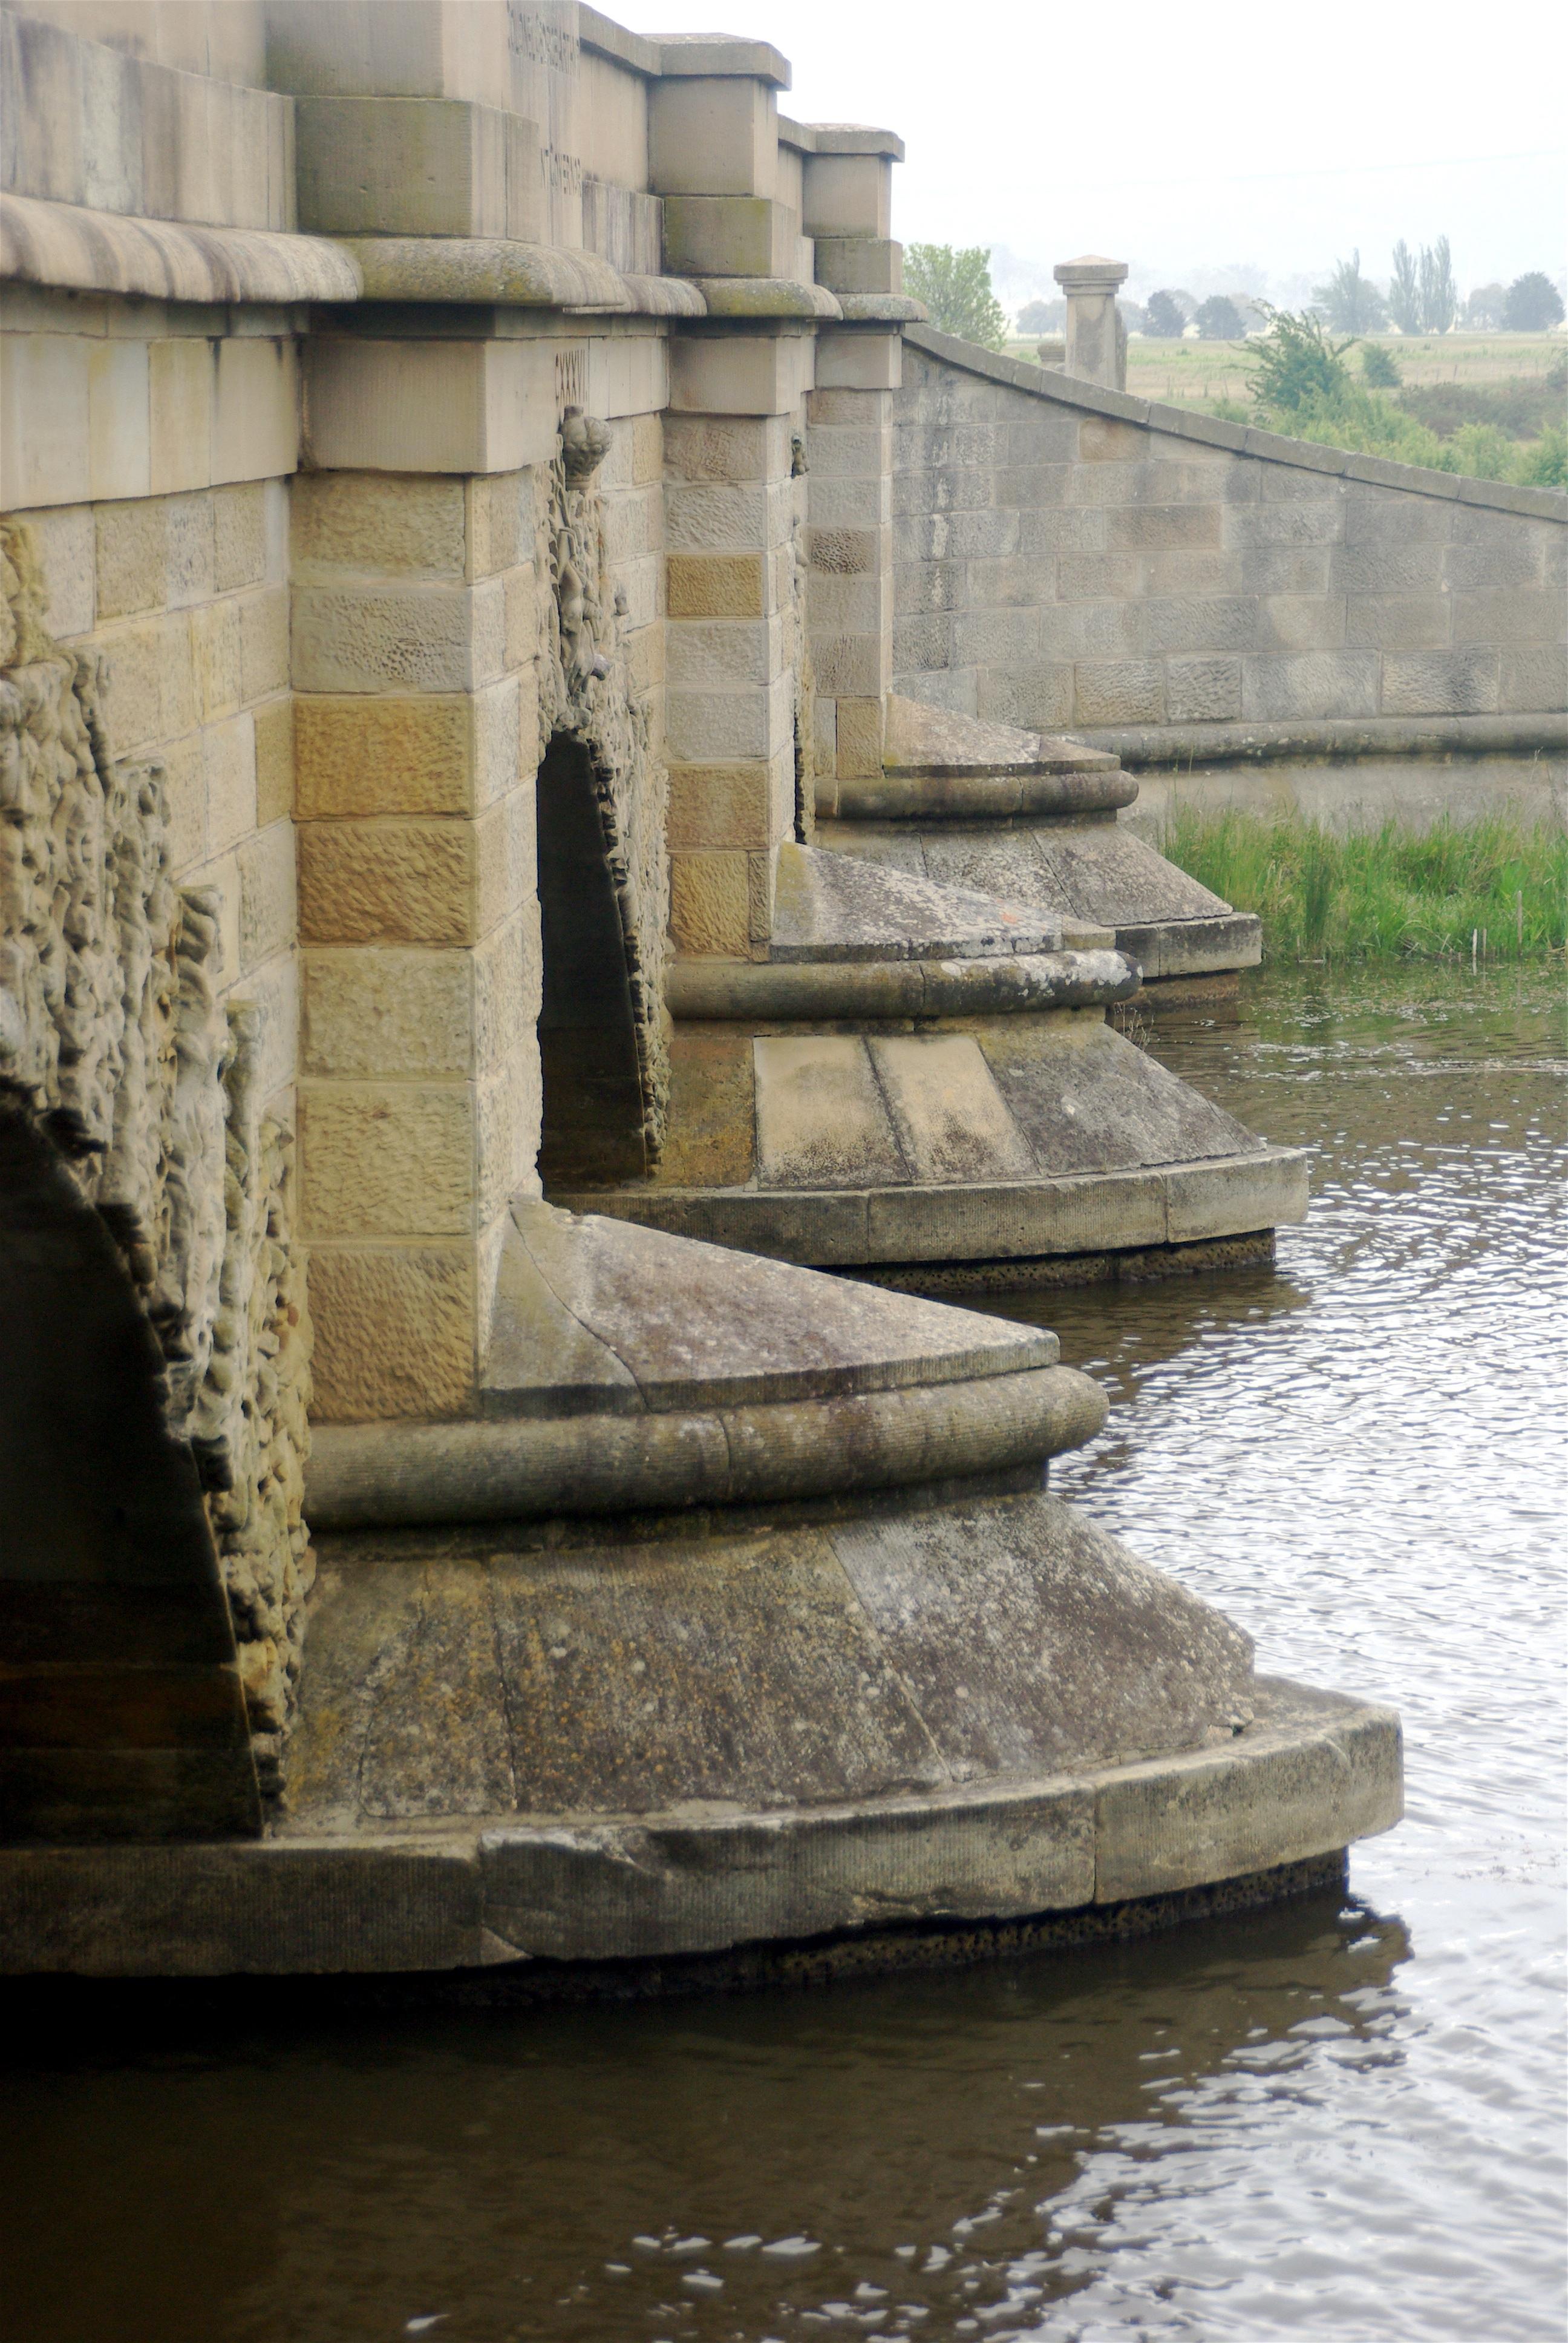 Fotos Gratis Agua Rock Arquitectura Estructura Puente